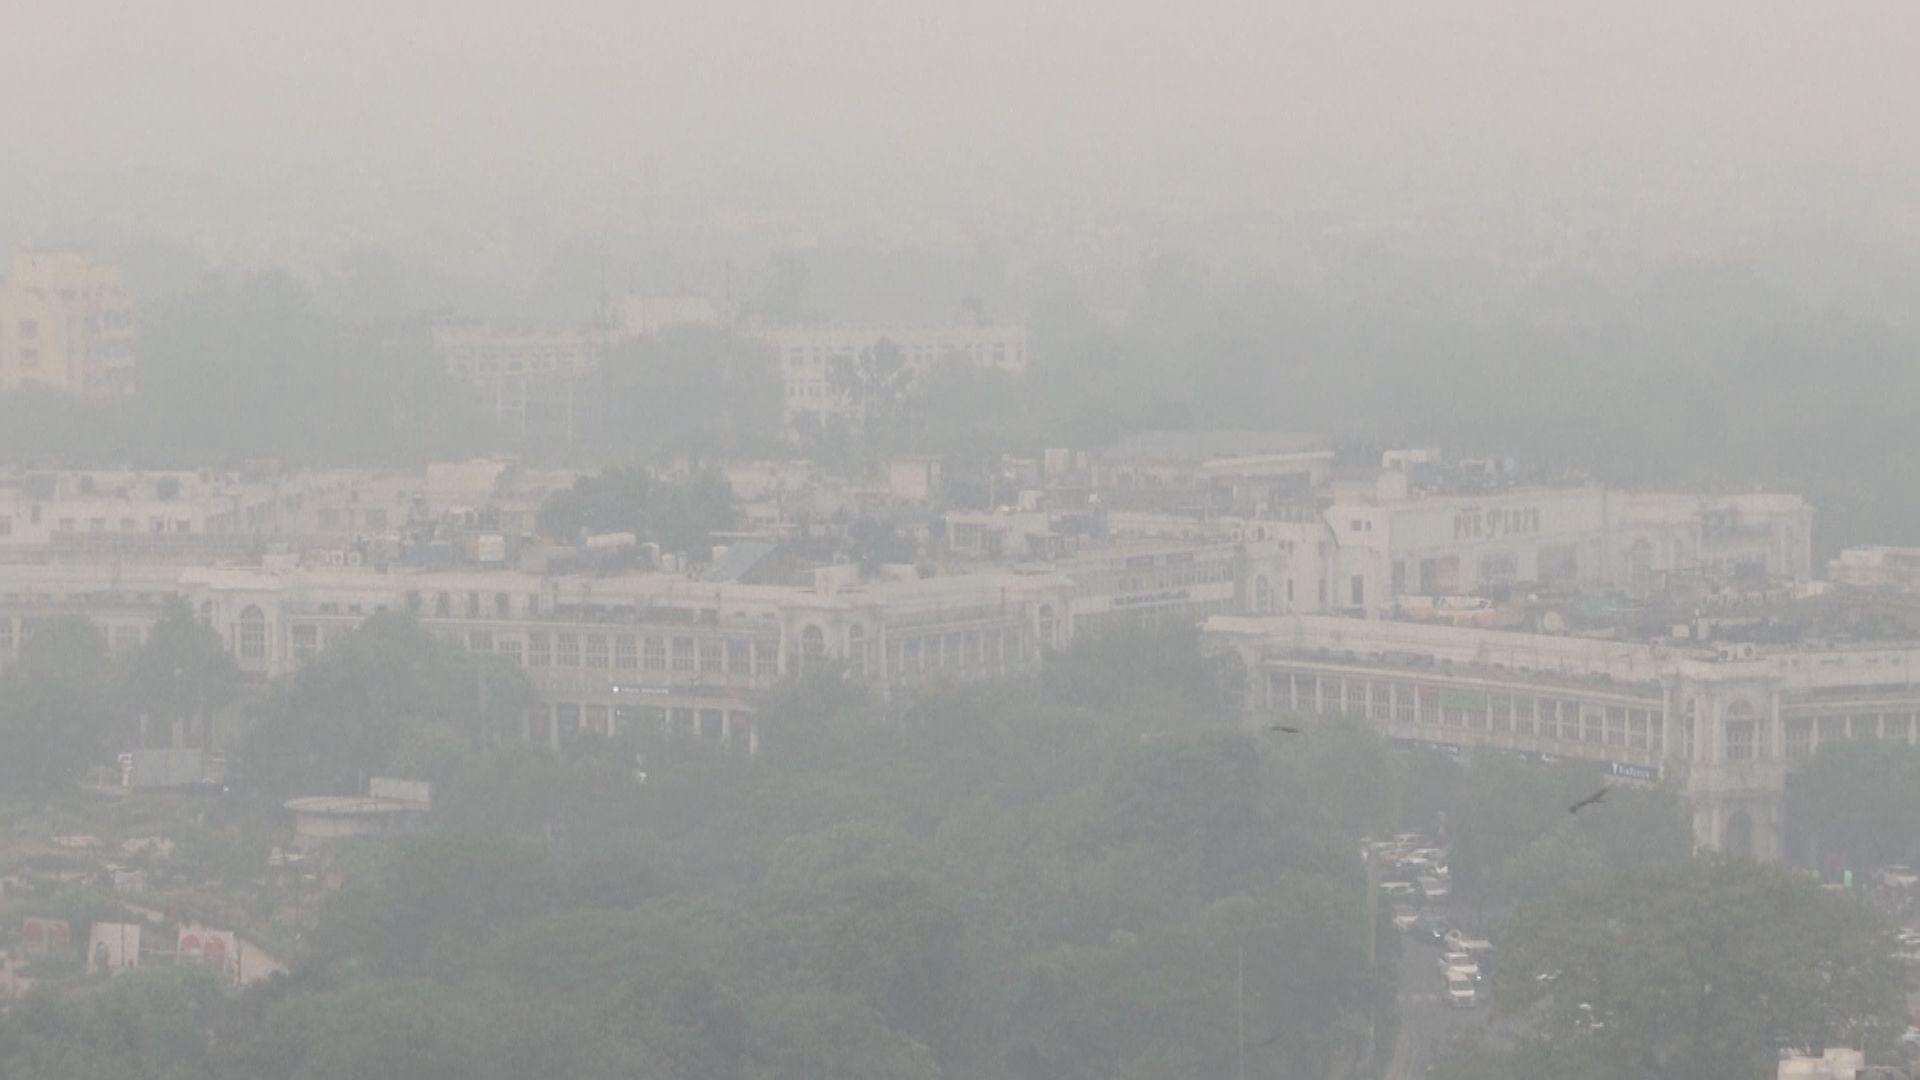 印度北部空氣污染嚴重 學校停課至周二